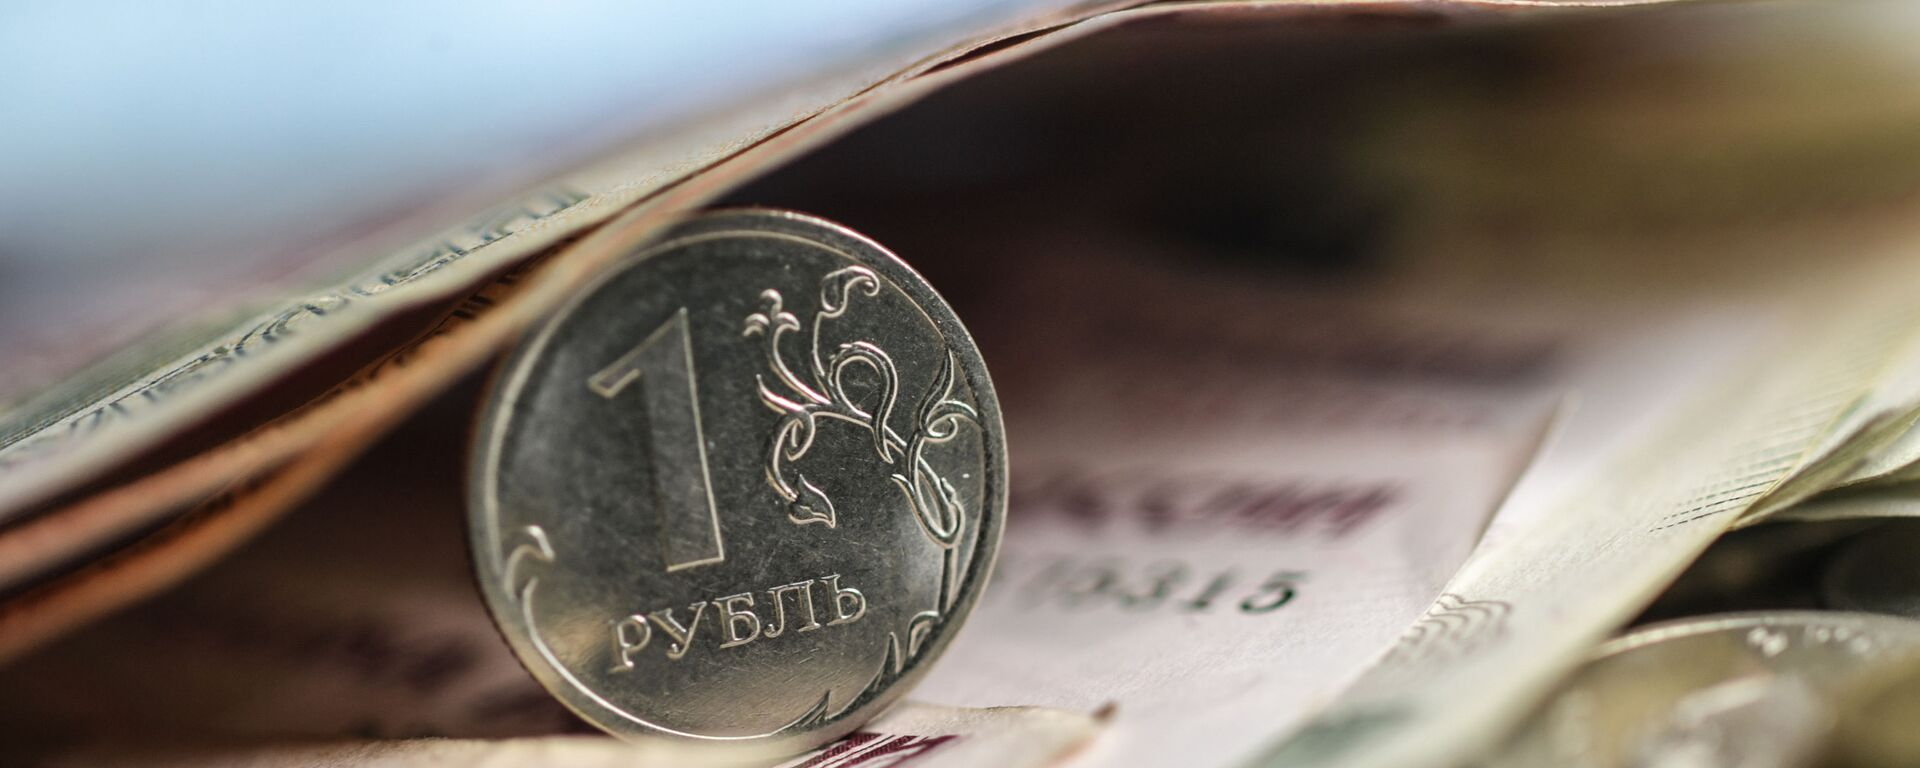 Денежные купюры и монеты. - Sputnik Абхазия, 1920, 20.08.2021